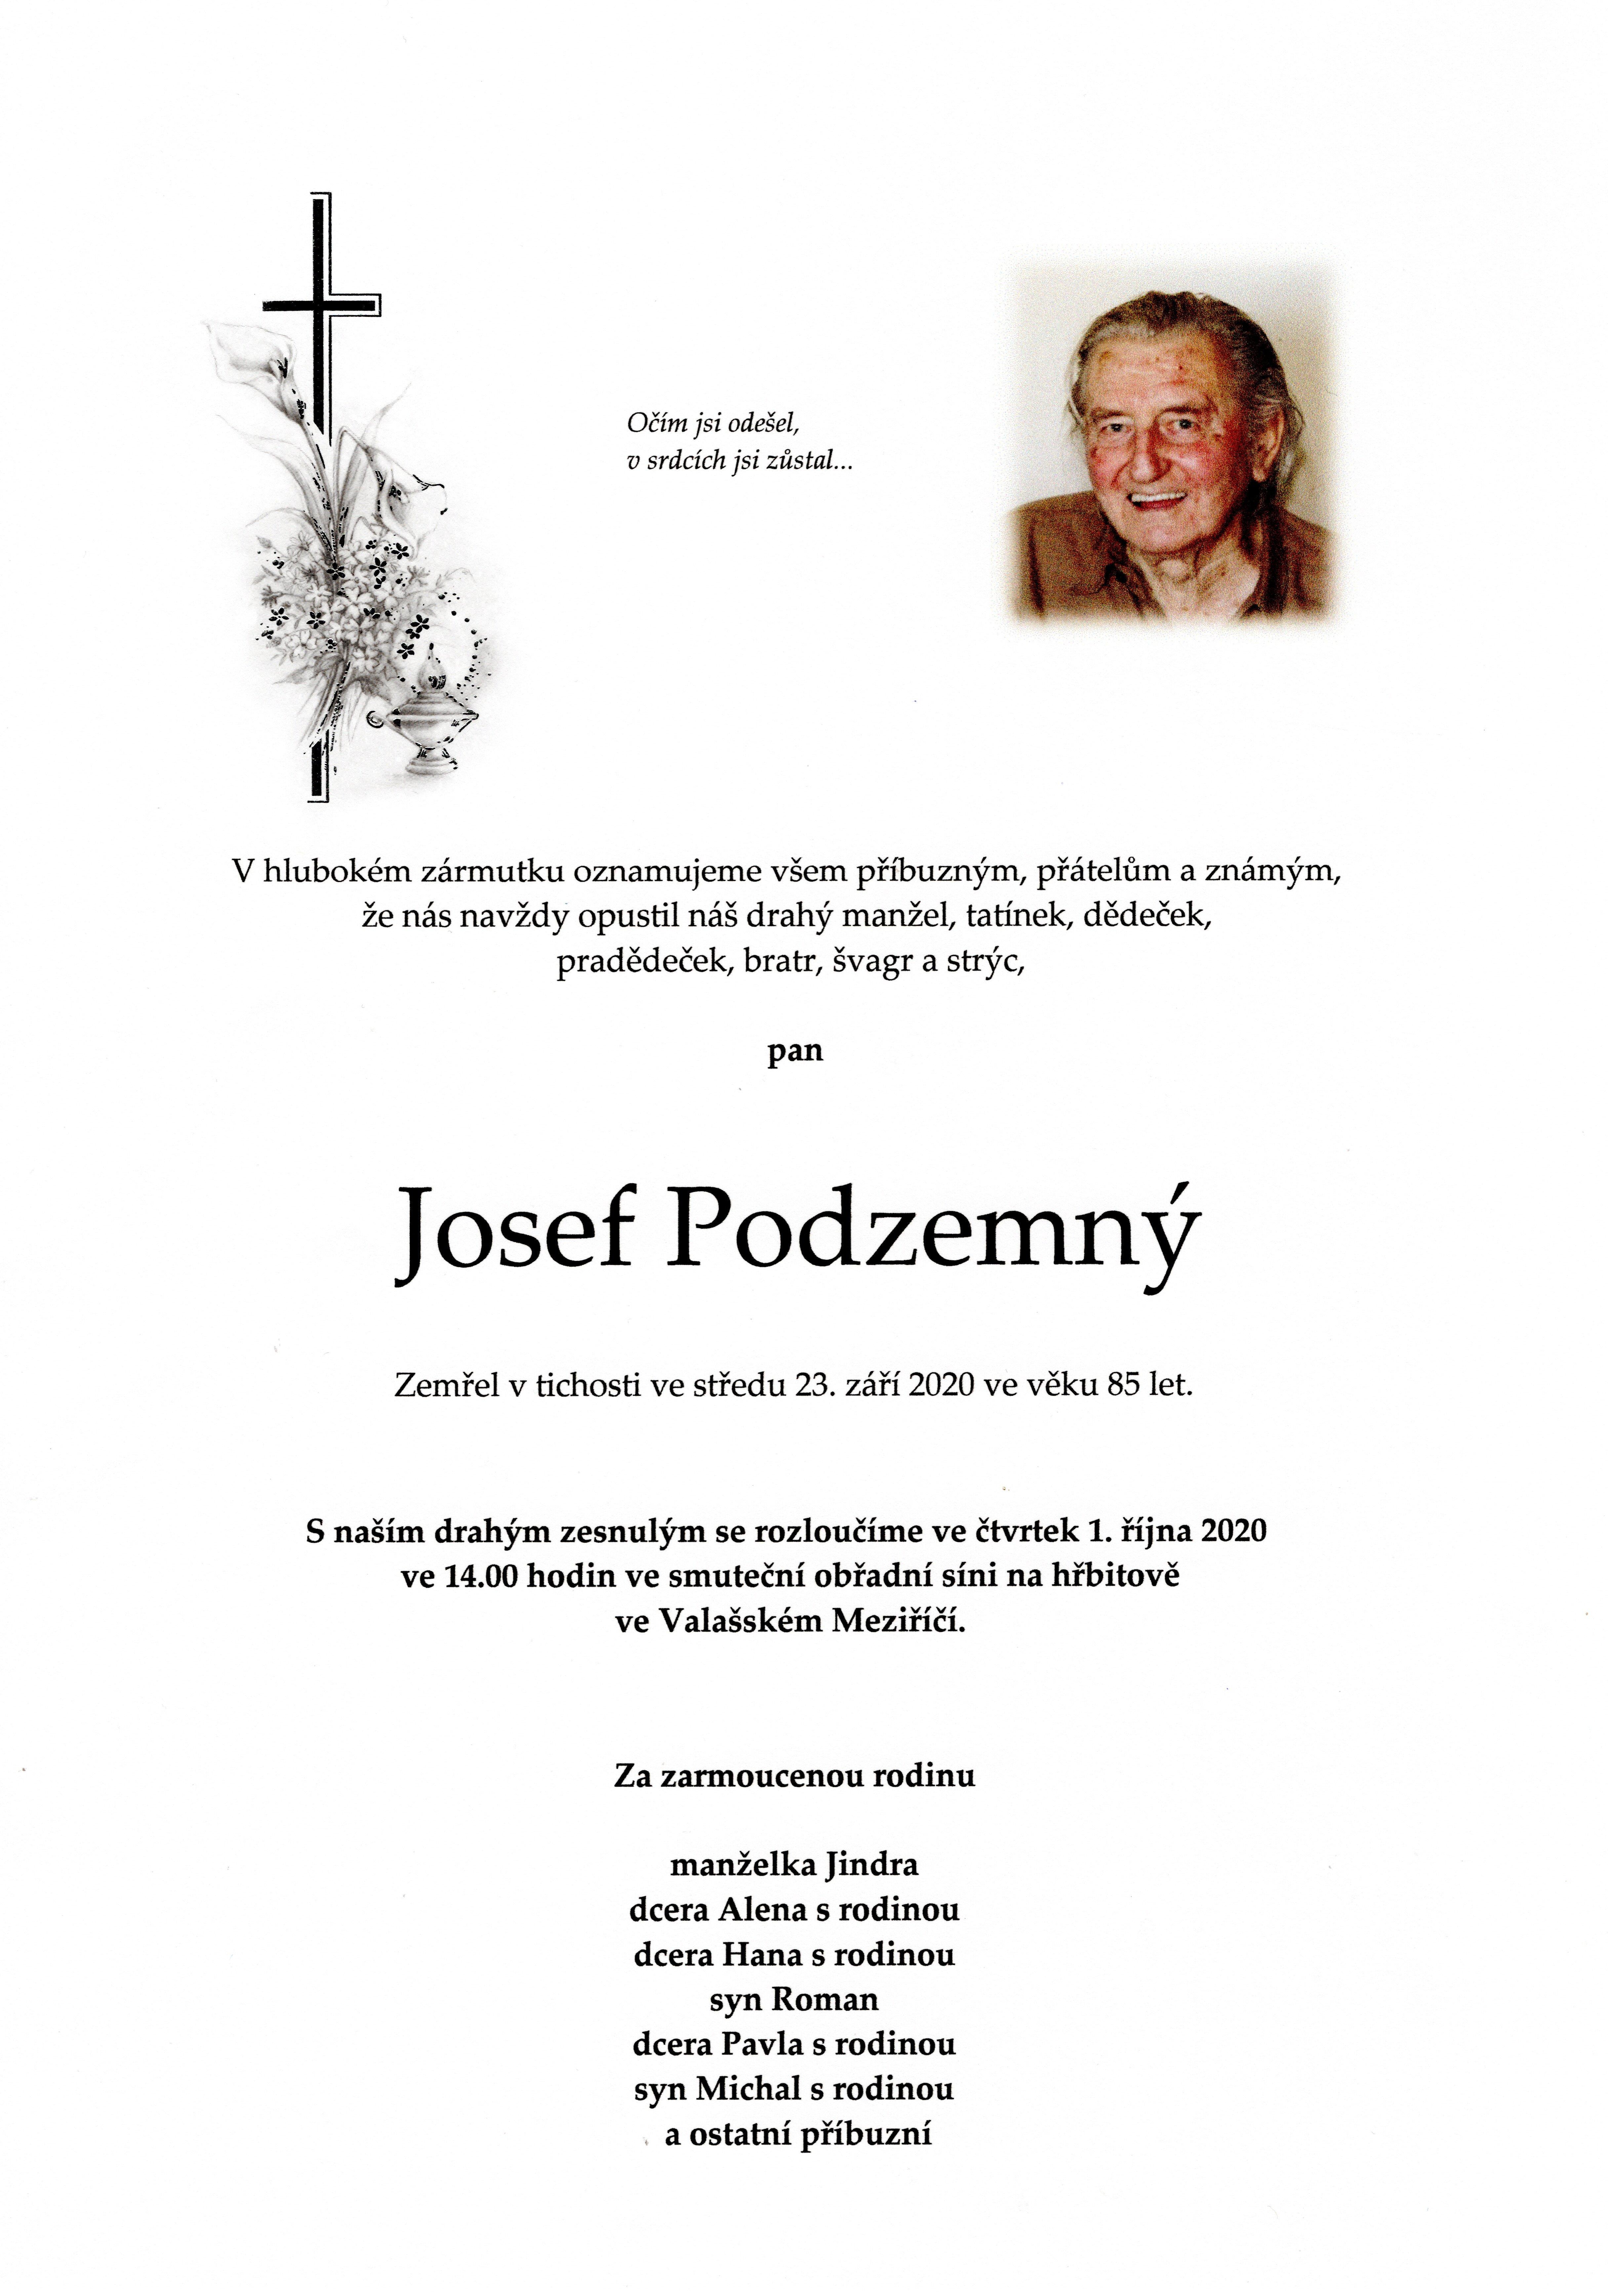 Josef Podzemný